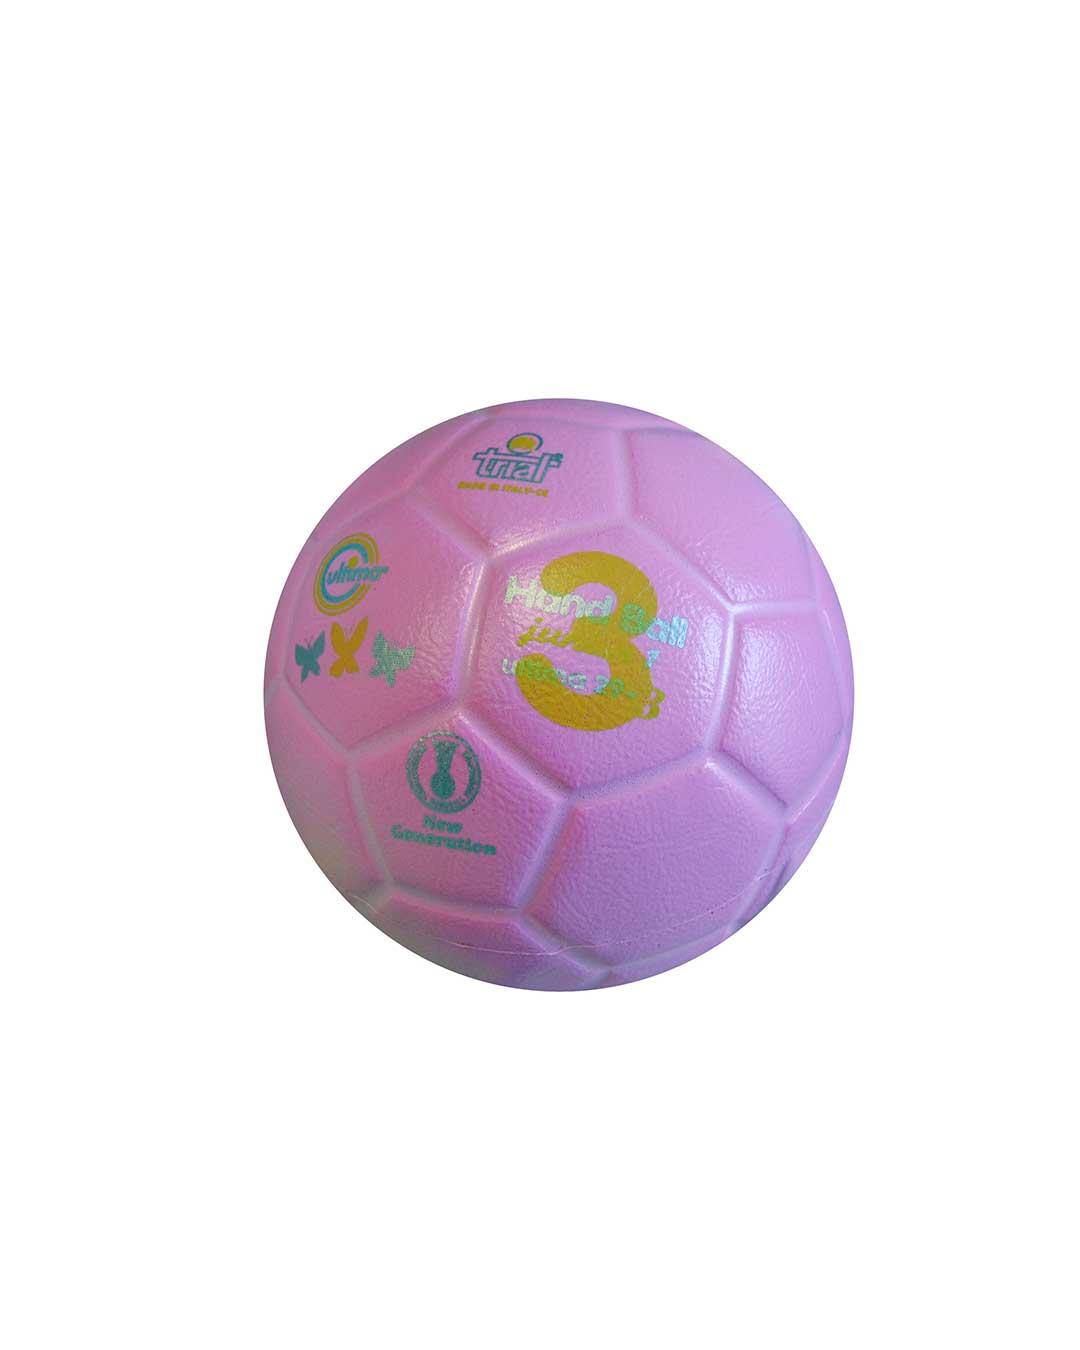 Balón de Handball Modelo Ultima 29-3 N° 1 morado